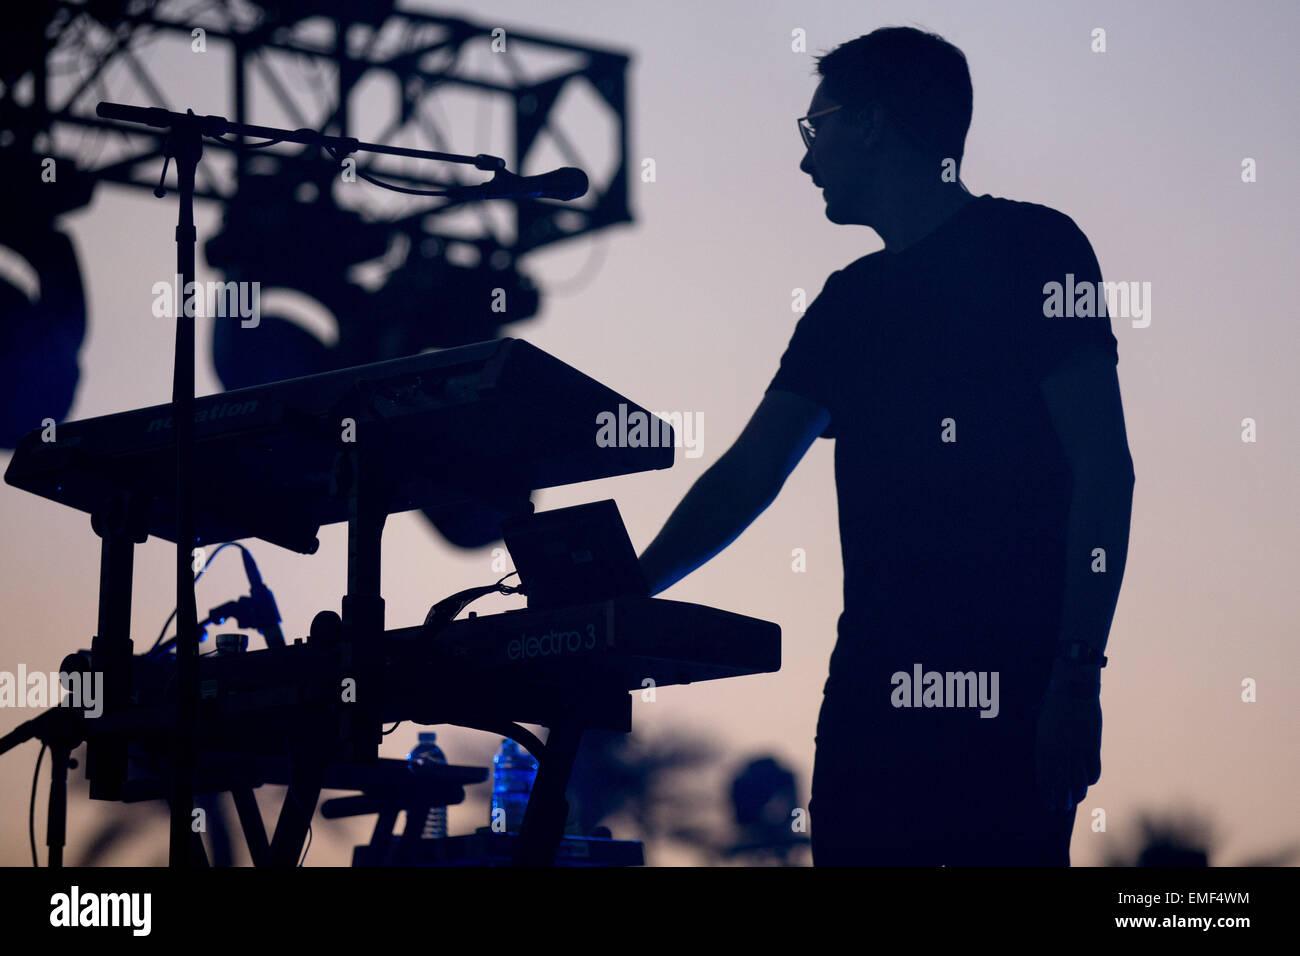 Indio, California, Estados Unidos. 18 abr, 2015. Músico GUS UNGER-HAMILTON de alt-J actúa en directo durante Imagen De Stock